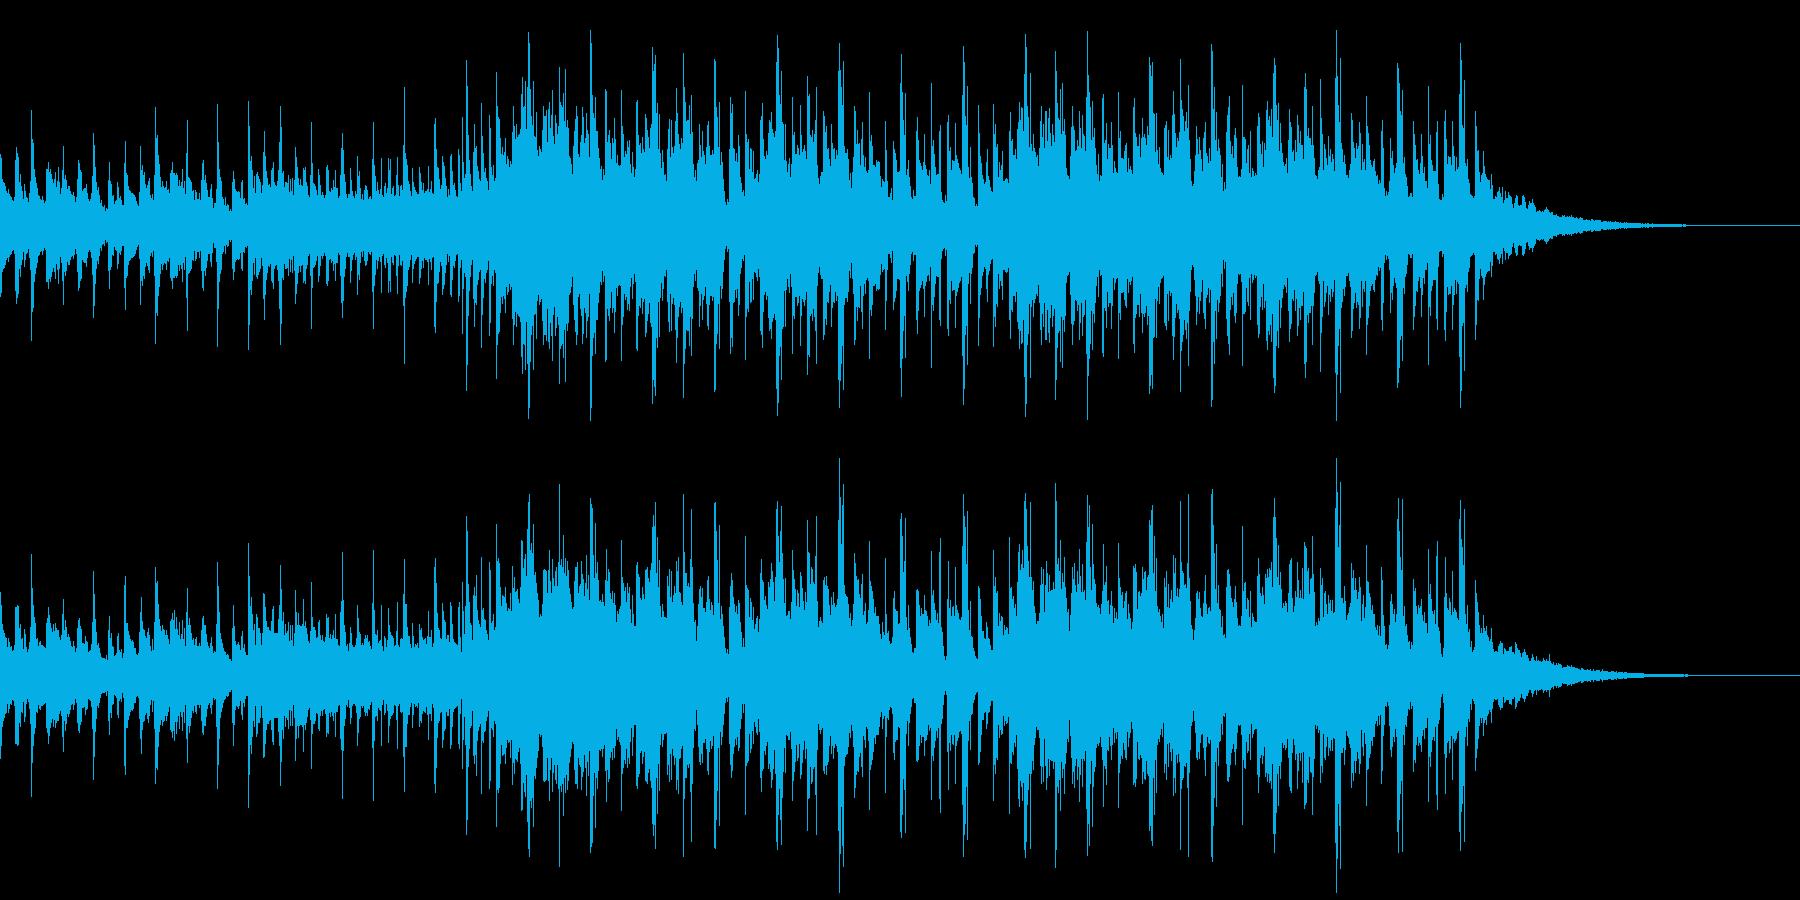 歌もの1(ウエスタン 30秒)の再生済みの波形